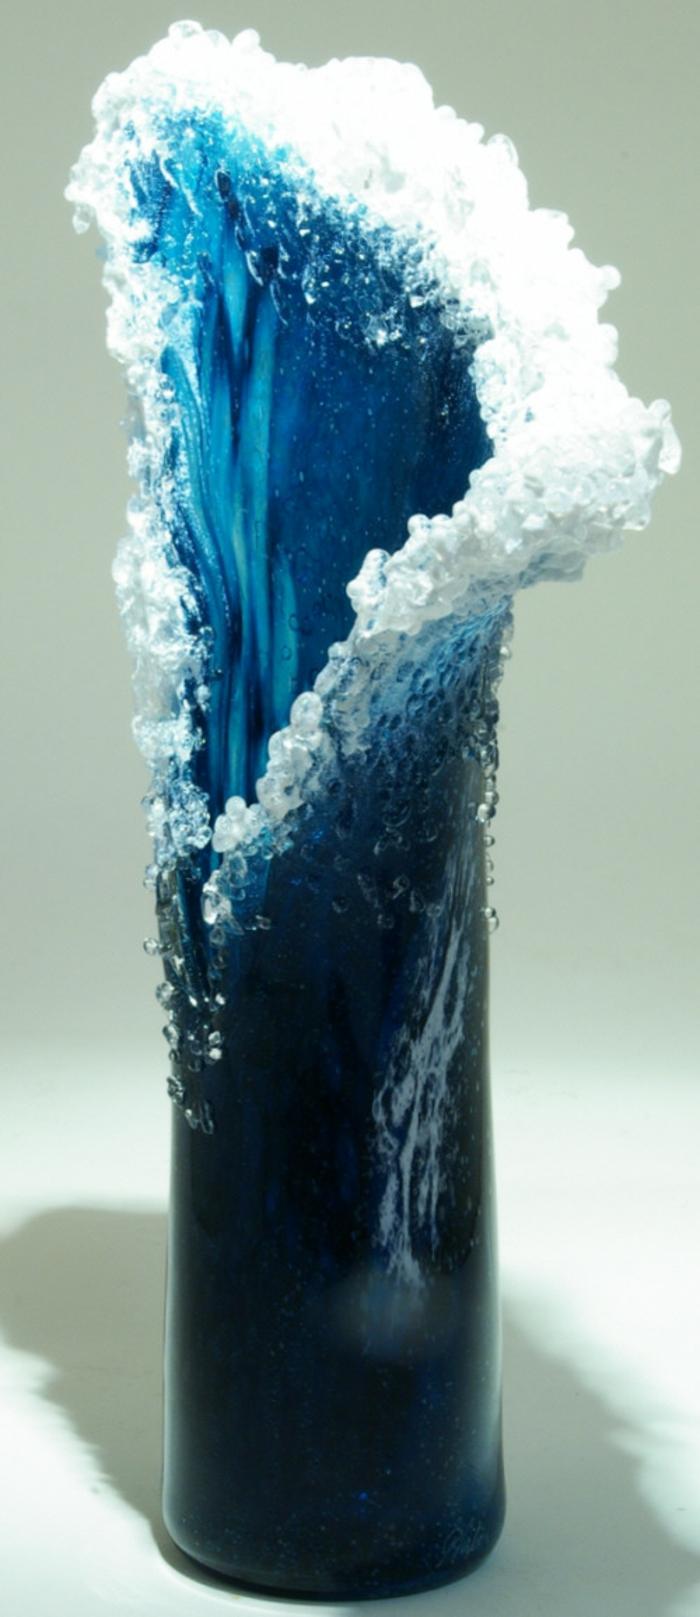 Glaskunst maritime Deko Vasen design Marsha Blaker Paul DeSomma